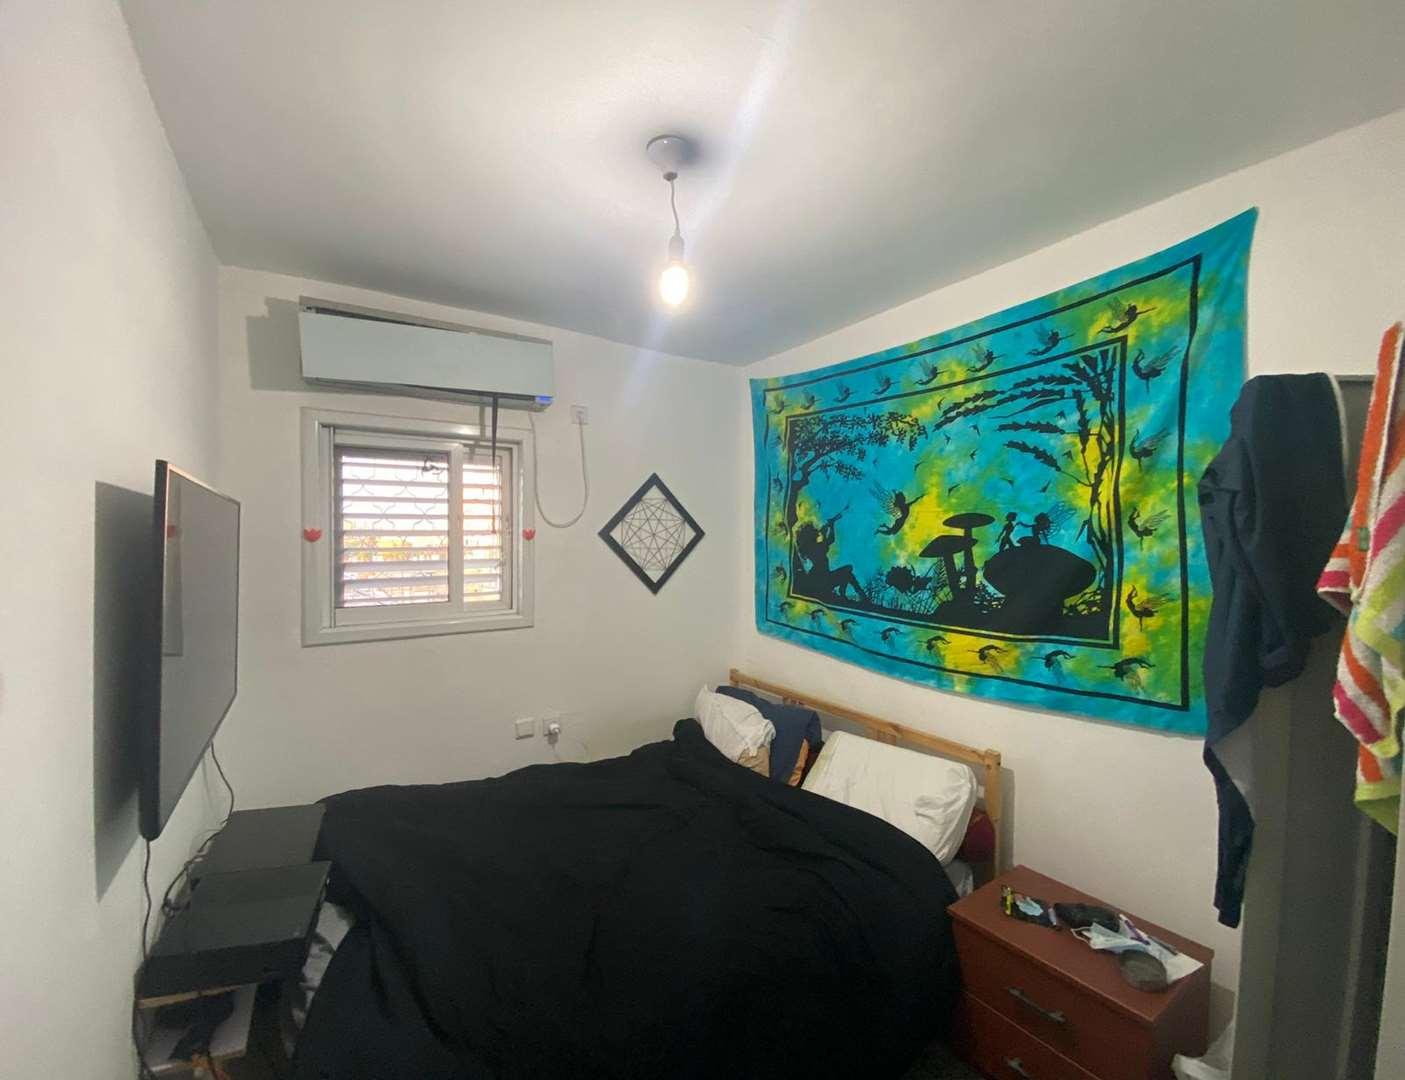 דירה לשותפים 1 חדרים ברמת גן משמר הירדן